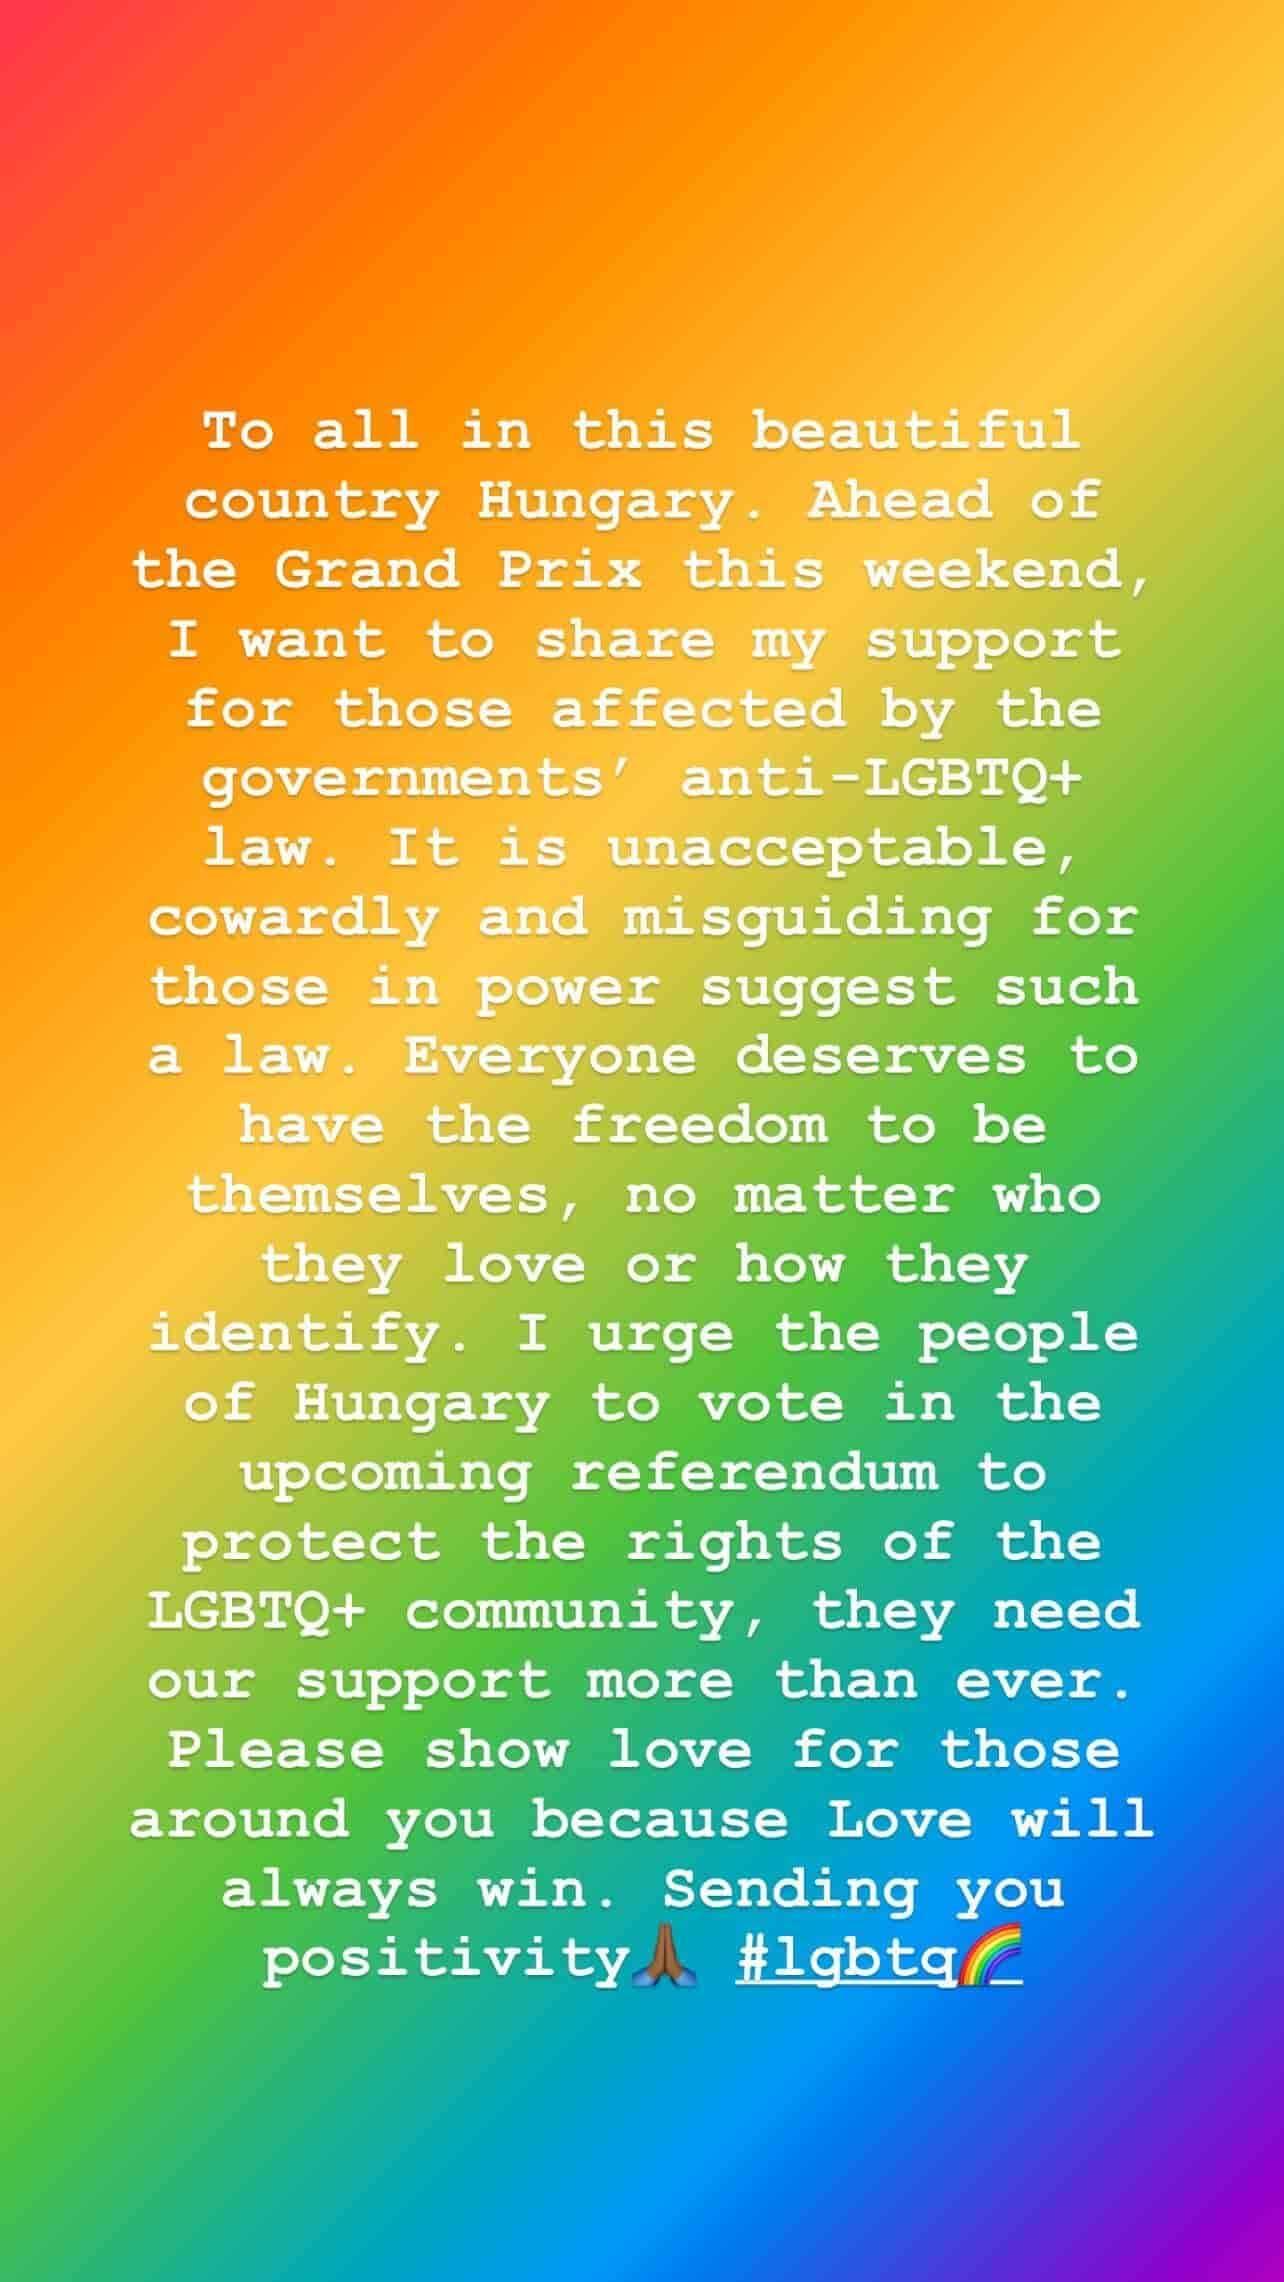 Lewis Hamilton condena lei anti-LGBT da Hungria: 'inaceitável e covarde' (Foto: Reprodução/Instagram)